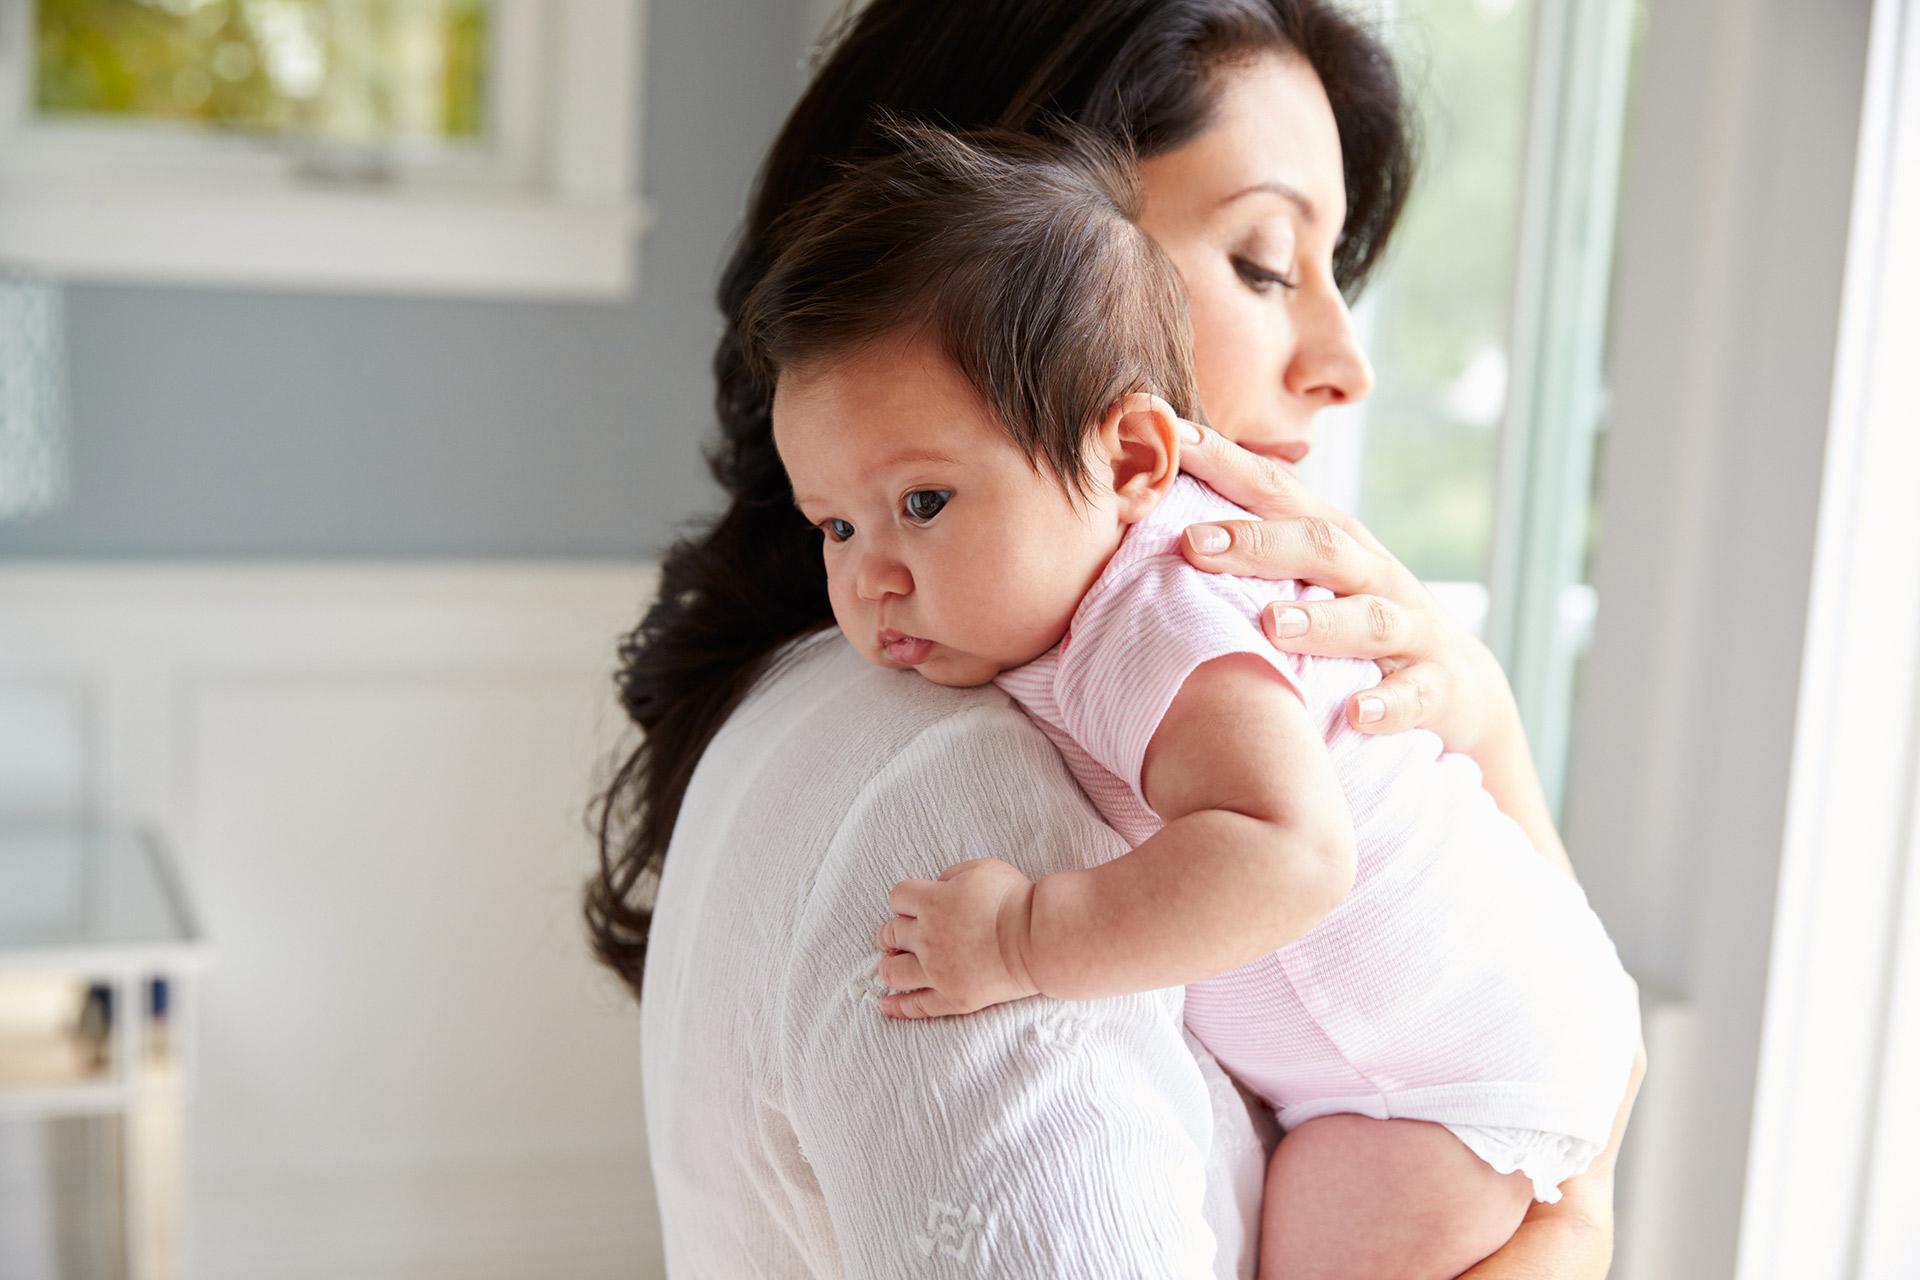 دليلك الشامل للرضاعة الطبيعية young-mom-with-baby.